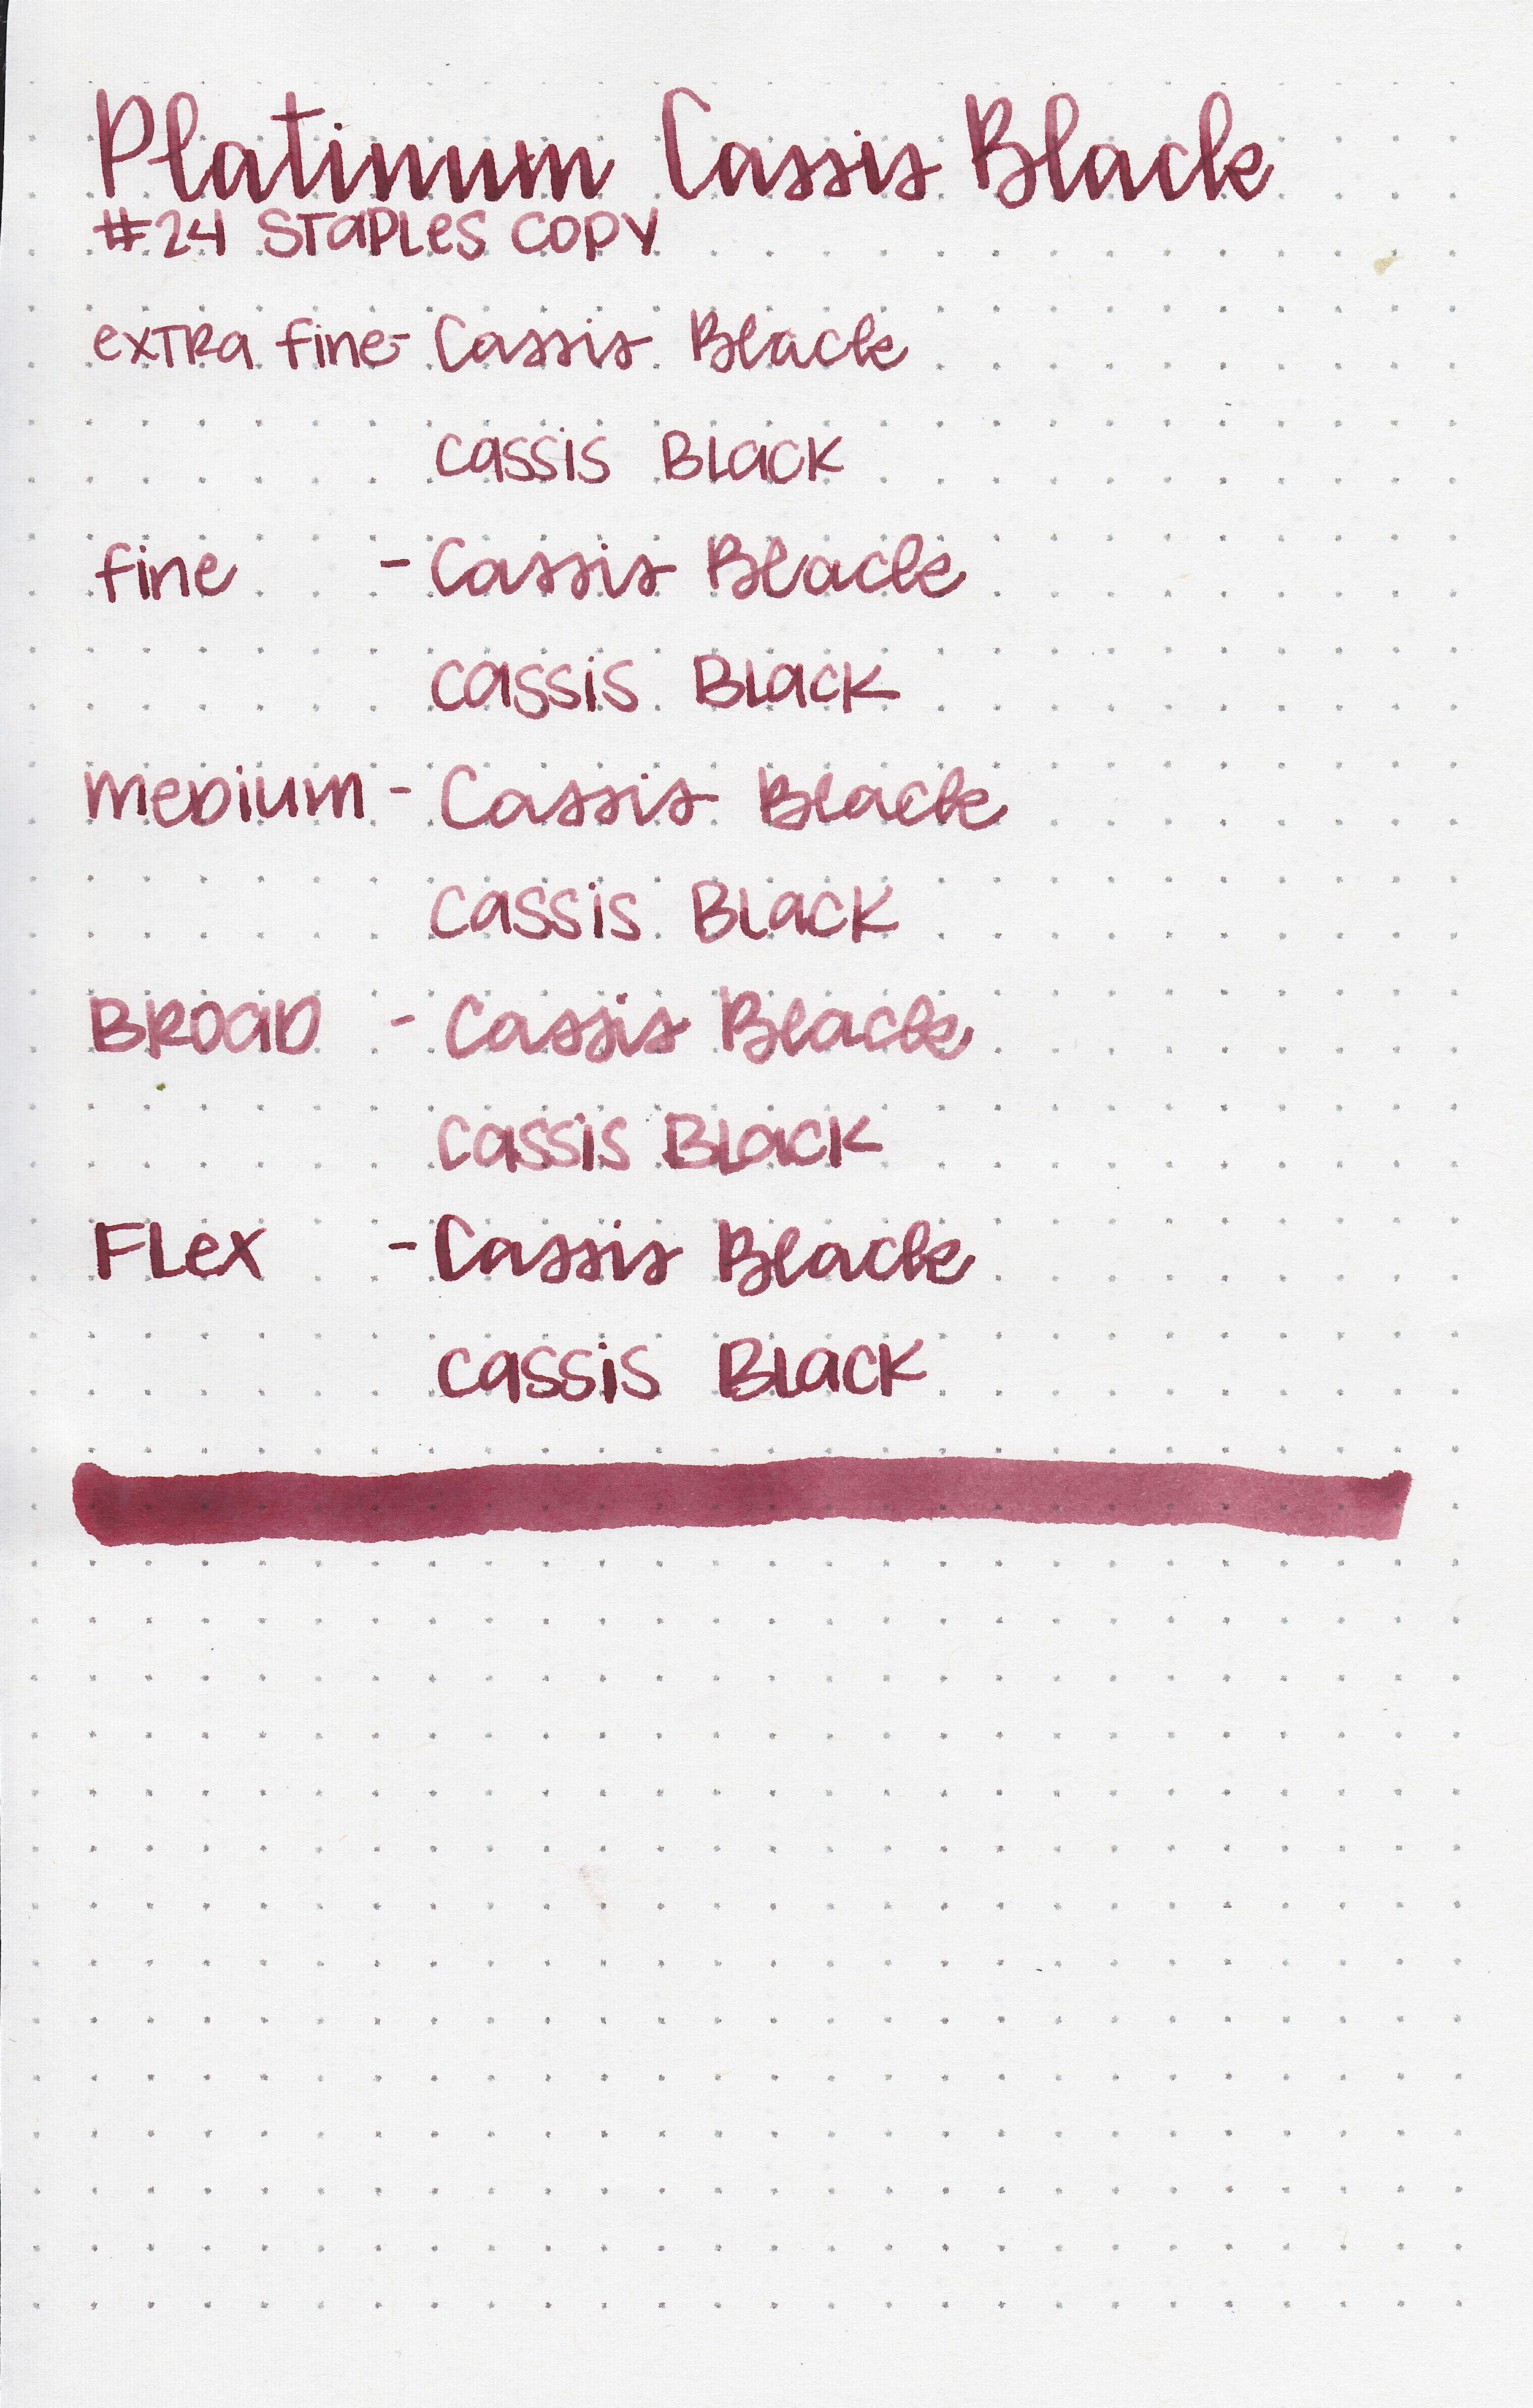 pl-cassis-black-11.jpg